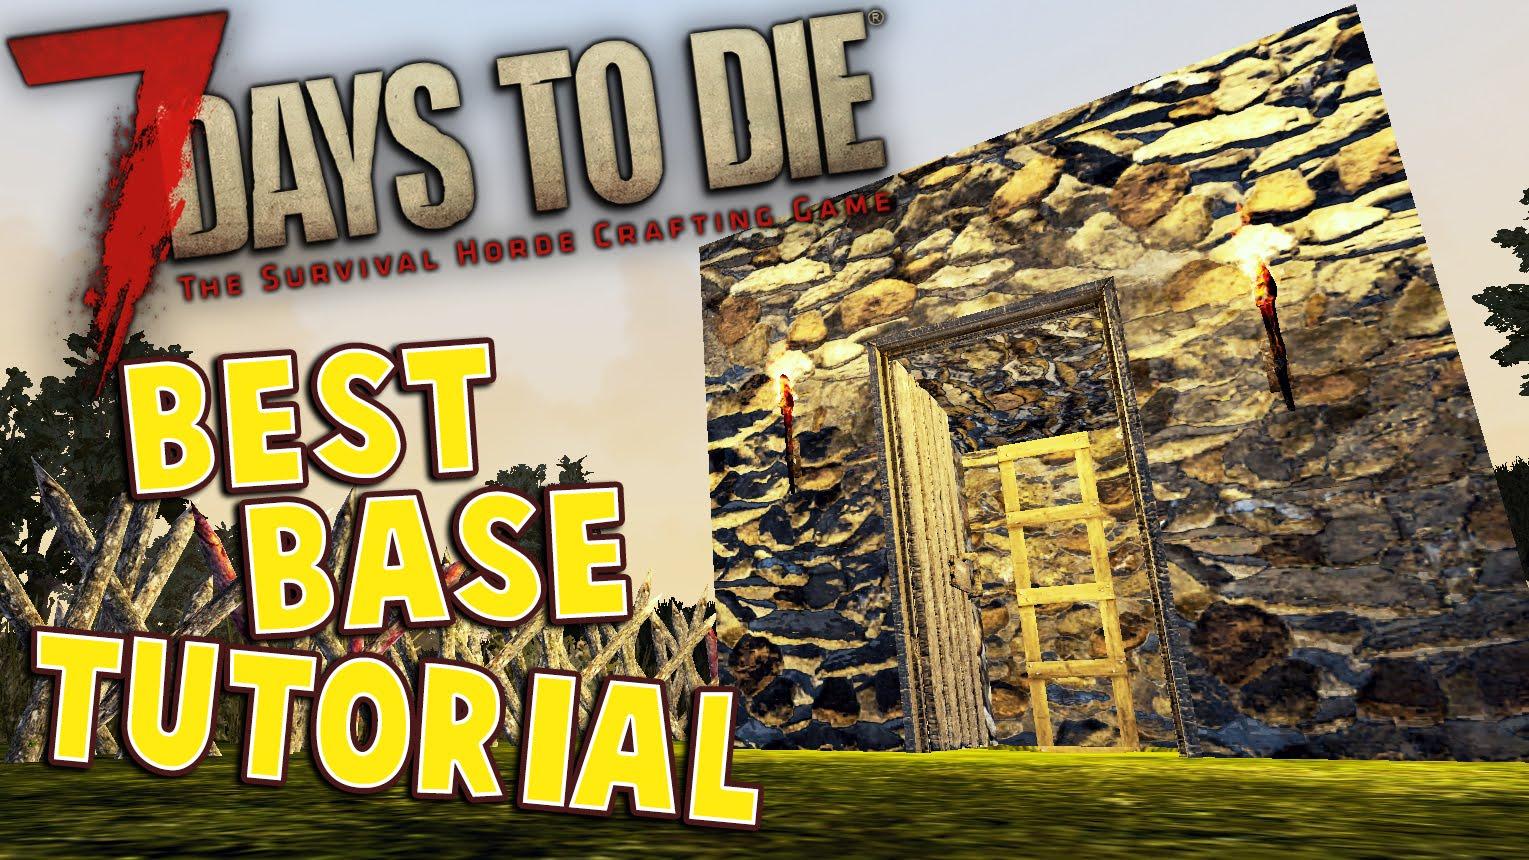 Drawn todies base Die Tutorial Build 7 the